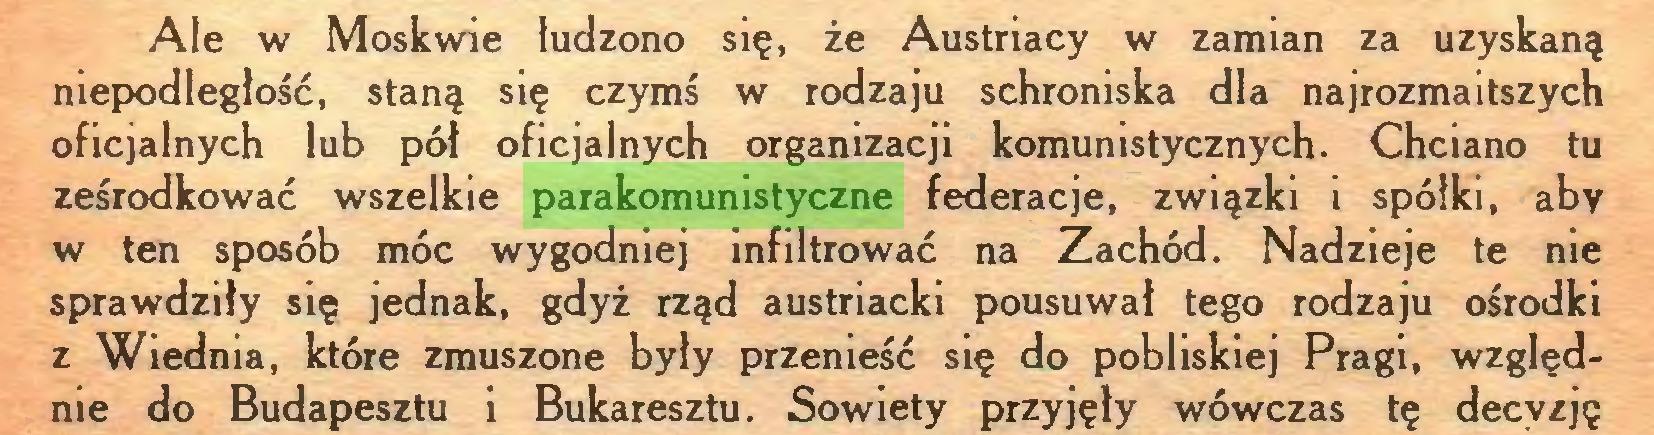 (...) Ale w Moskwie łudzono się, że Austriacy w zamian za uzyskaną niepodległość, staną się czymś w rodzaju schroniska dla najrozmaitszych oficjalnych lub pół oficjalnych organizacji komunistycznych. Chciano tu ześrodkować wszelkie parakomunistyczne federacje, związki i spółki, aby w ten sposób móc wygodniej infiltrować na Zachód. Nadzieje te nie sprawdziły się jednak, gdyż rząd austriacki pousuwał tego rodzaju ośrodki z Wiednia, które zmuszone były przenieść się do pobliskiej Pragi, względnie do Budapesztu i Bukaresztu. Sowiety przyjęły wówczas tę decyzję...